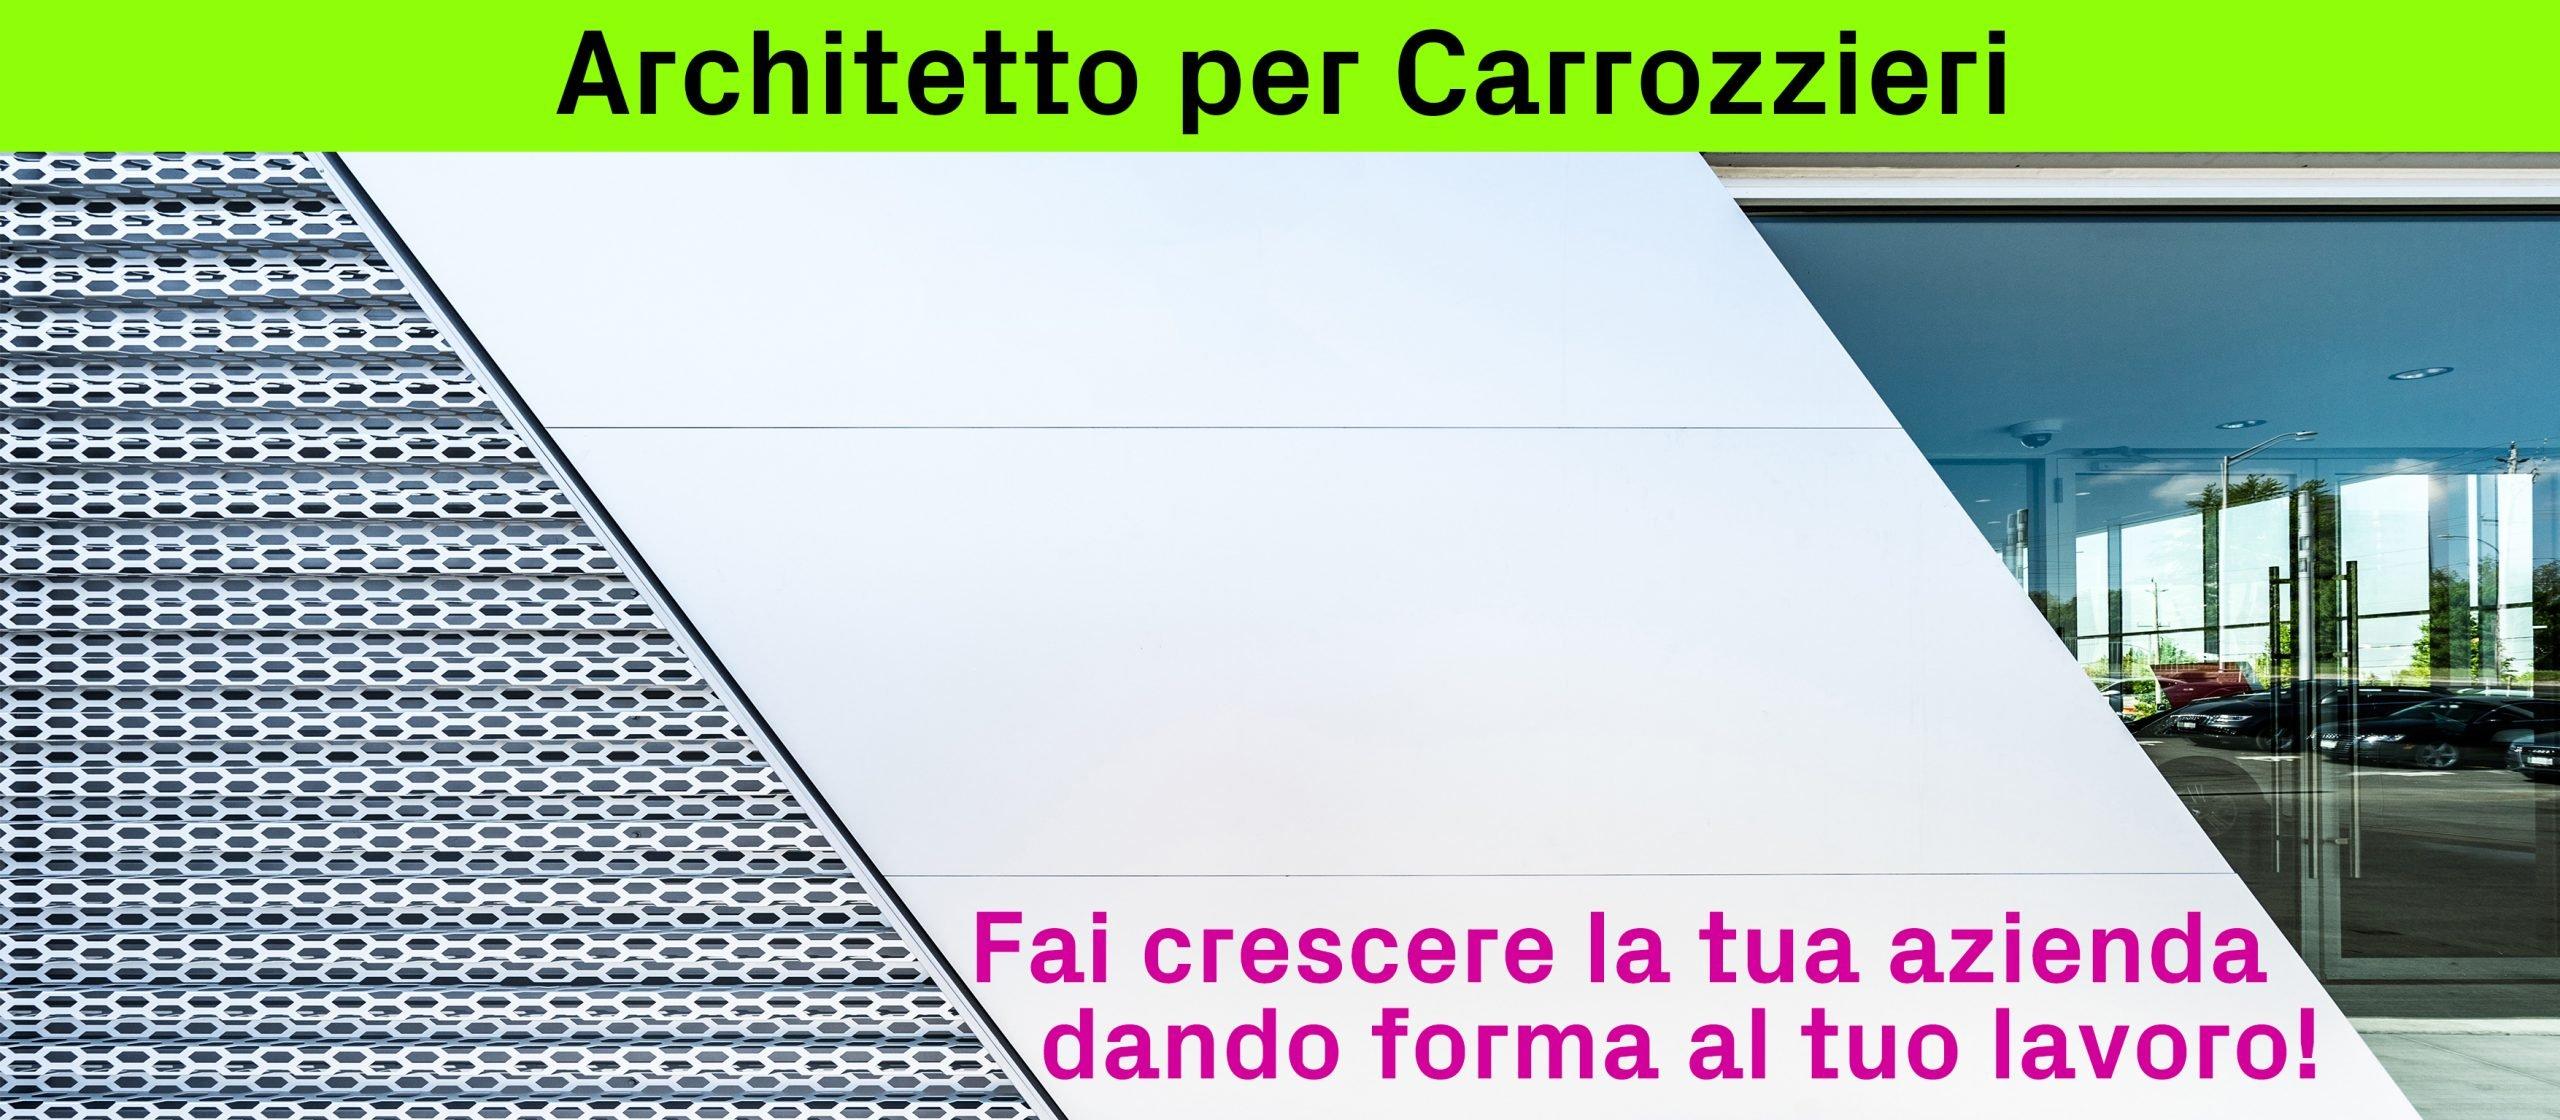 Architetto per Carrozzieri